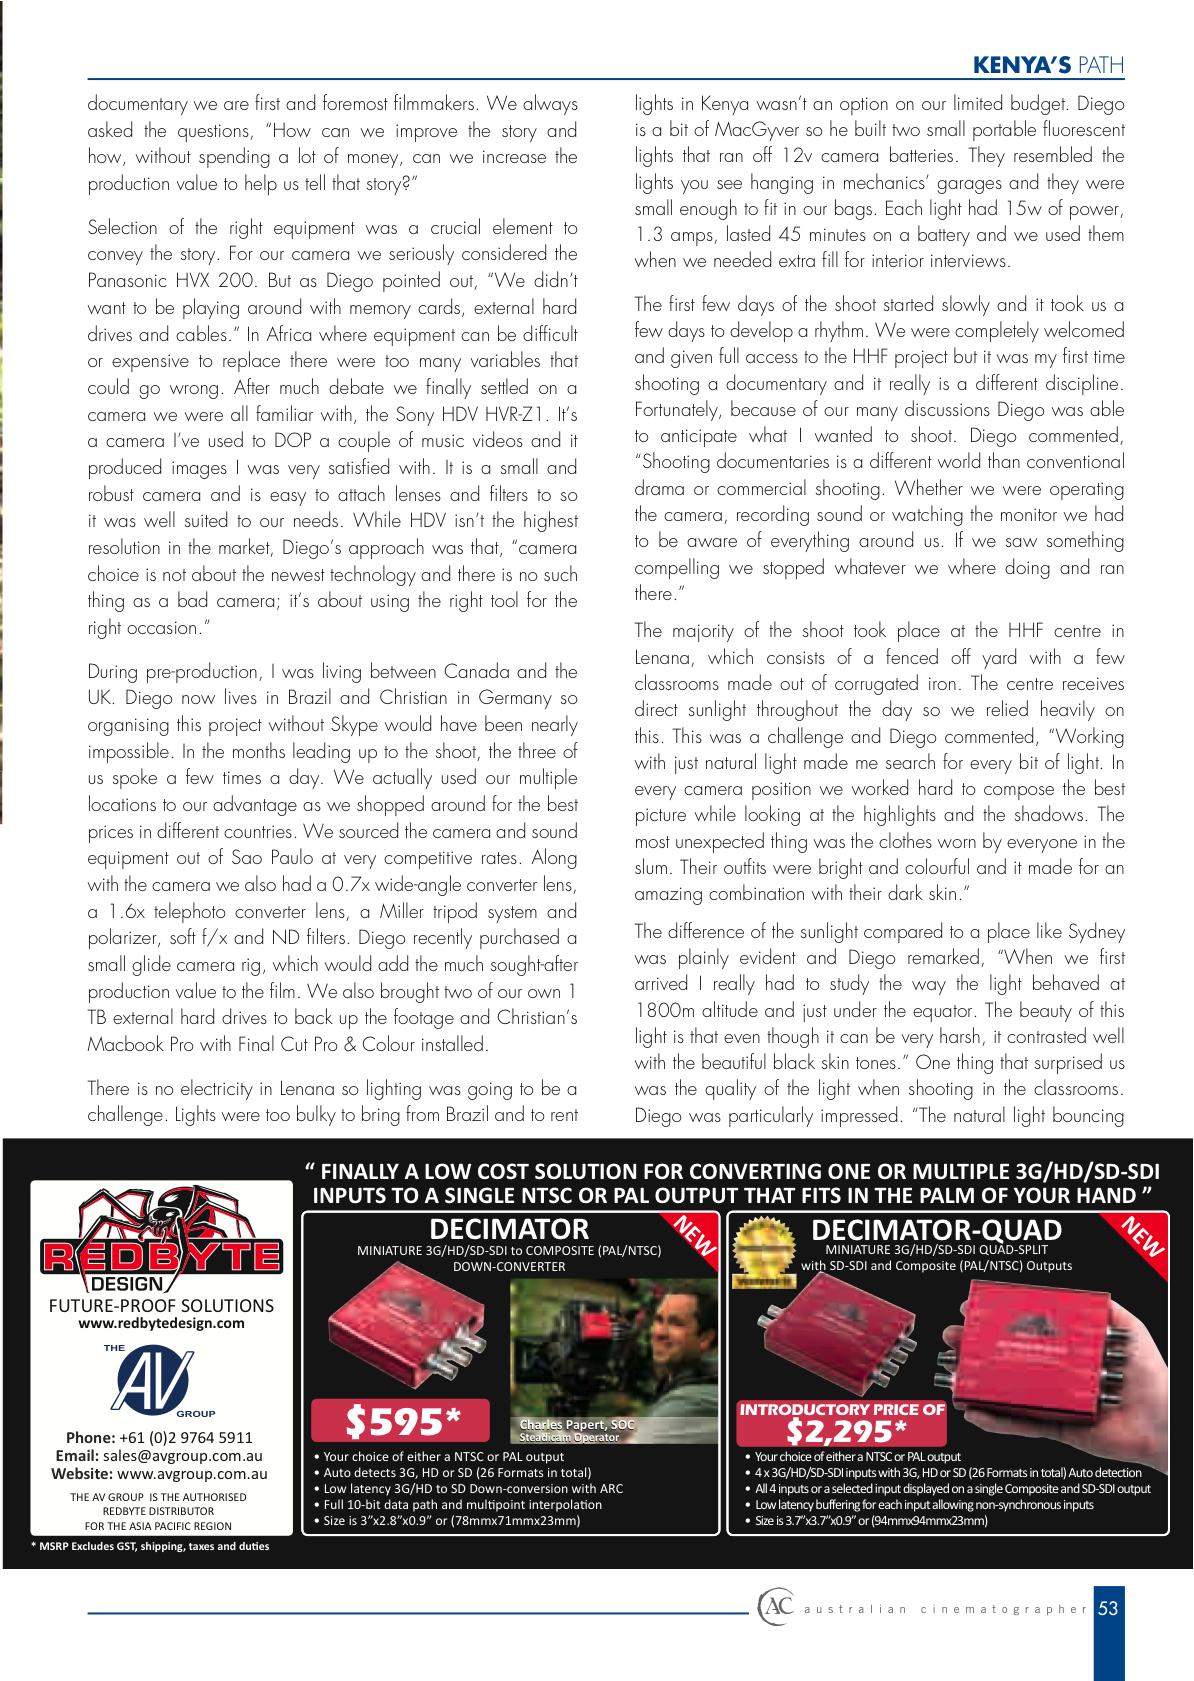 AC 42 Kenyas Path Article Pg 3